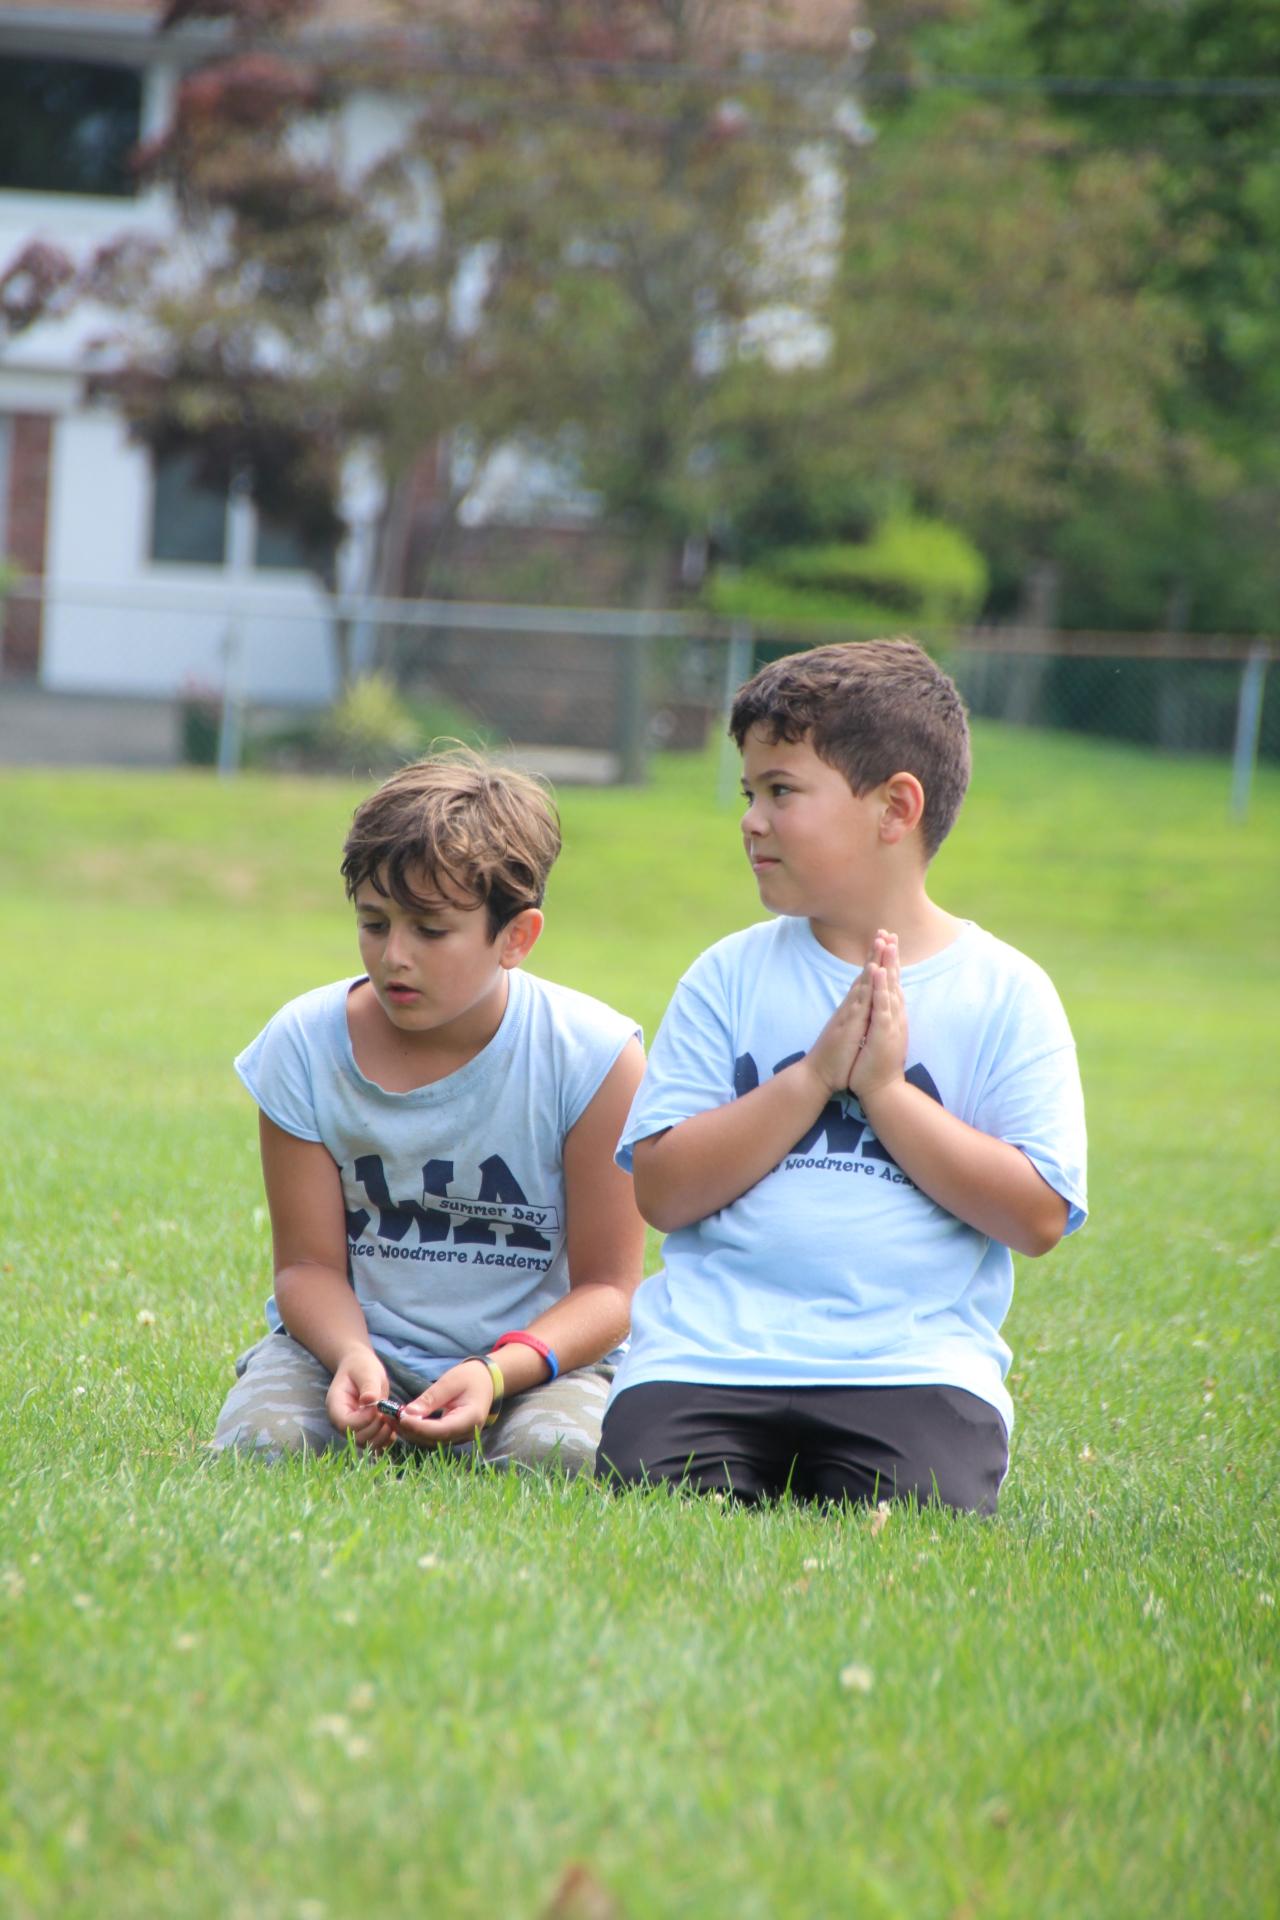 7 17 CSA Soccer Clinic